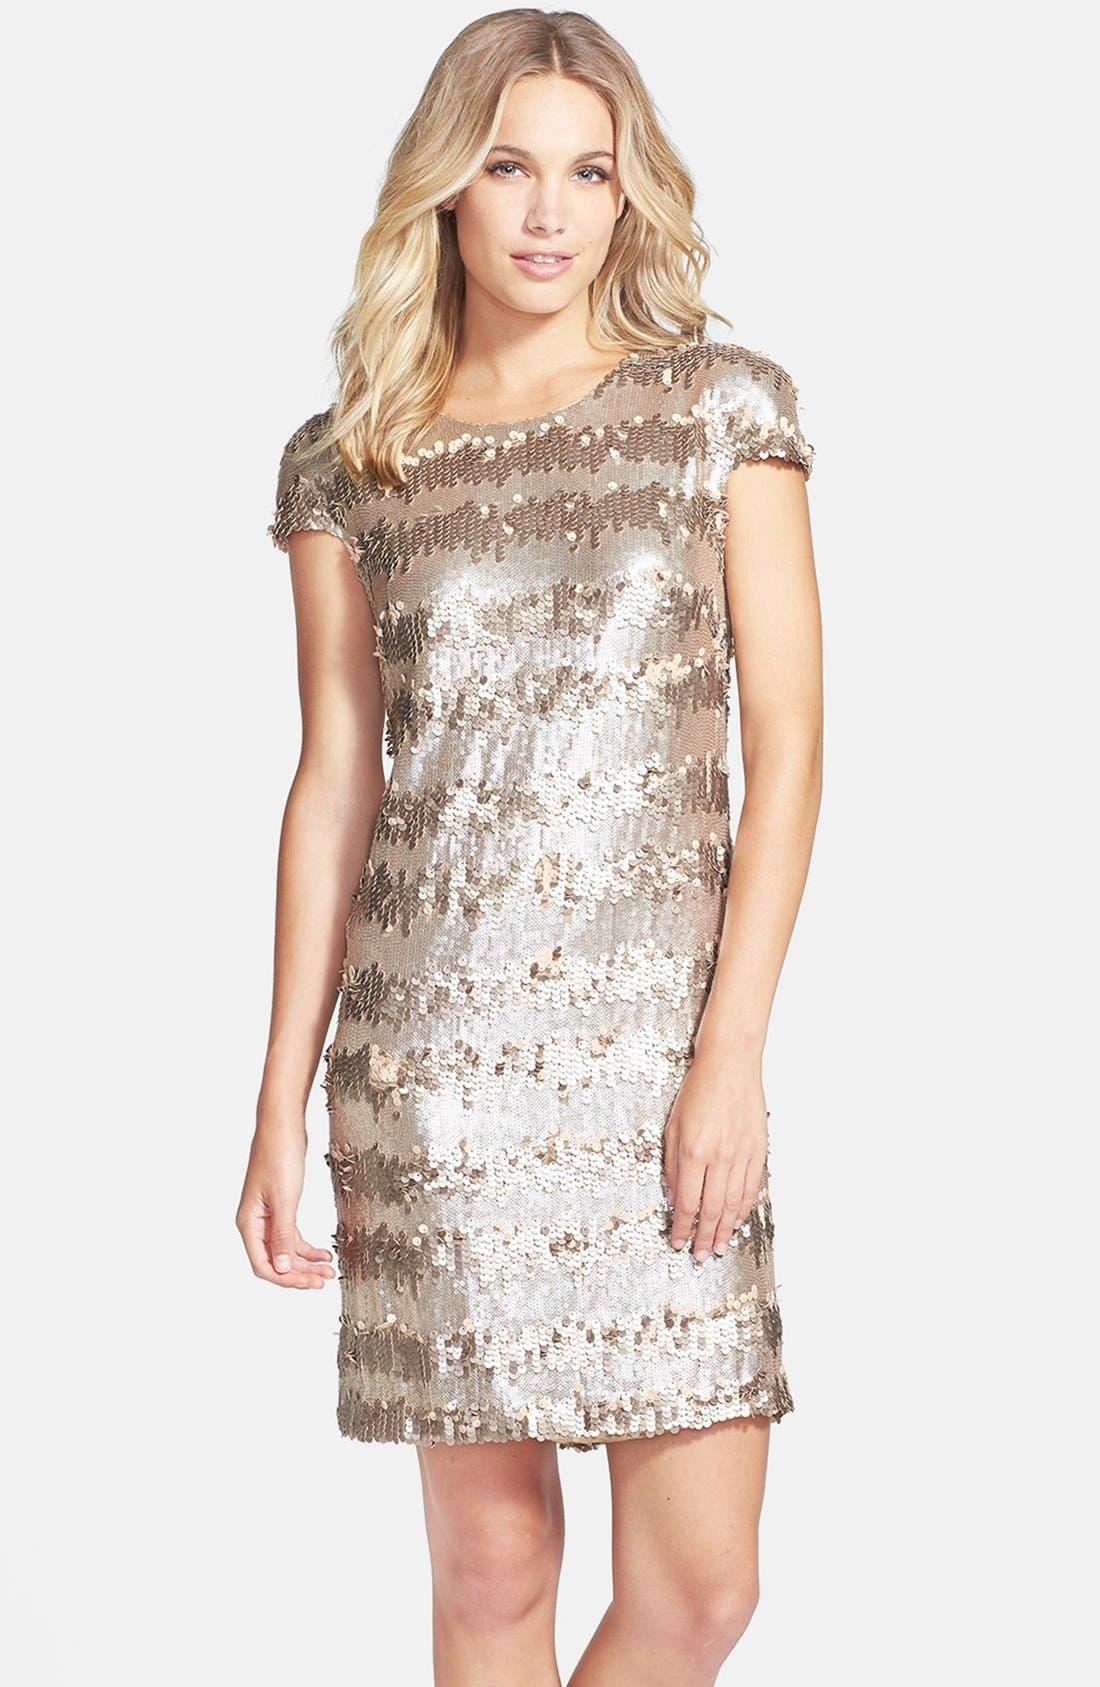 Gold Paillette & Sequin Shift Dress,                             Main thumbnail 1, color,                             710